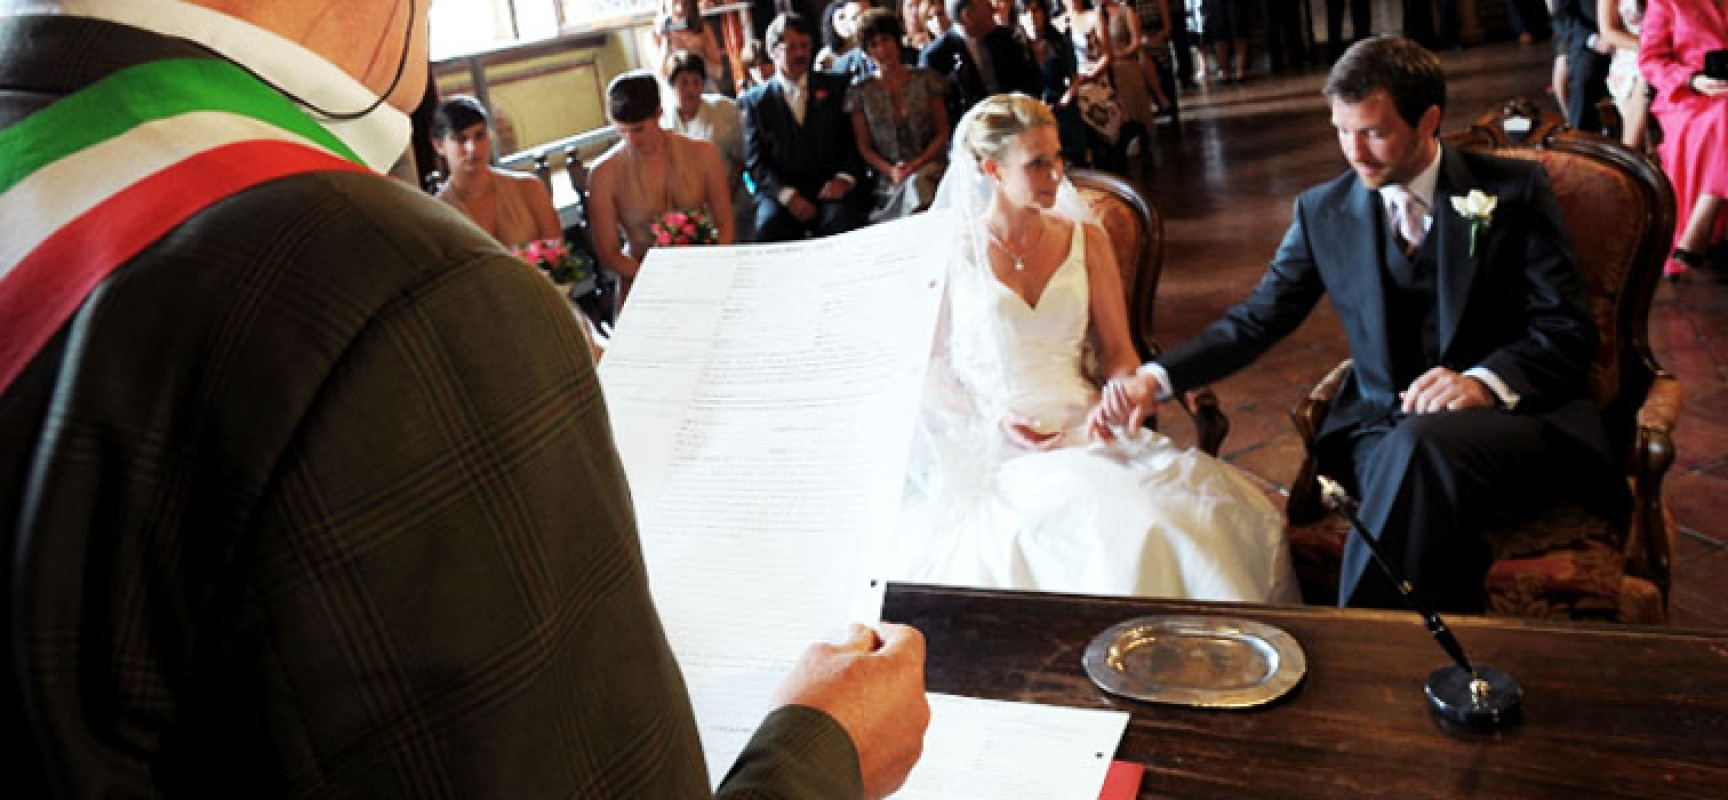 Matrimonio Sul Litorale Romano : Matrimonio e location da favole italia avanti a tutti